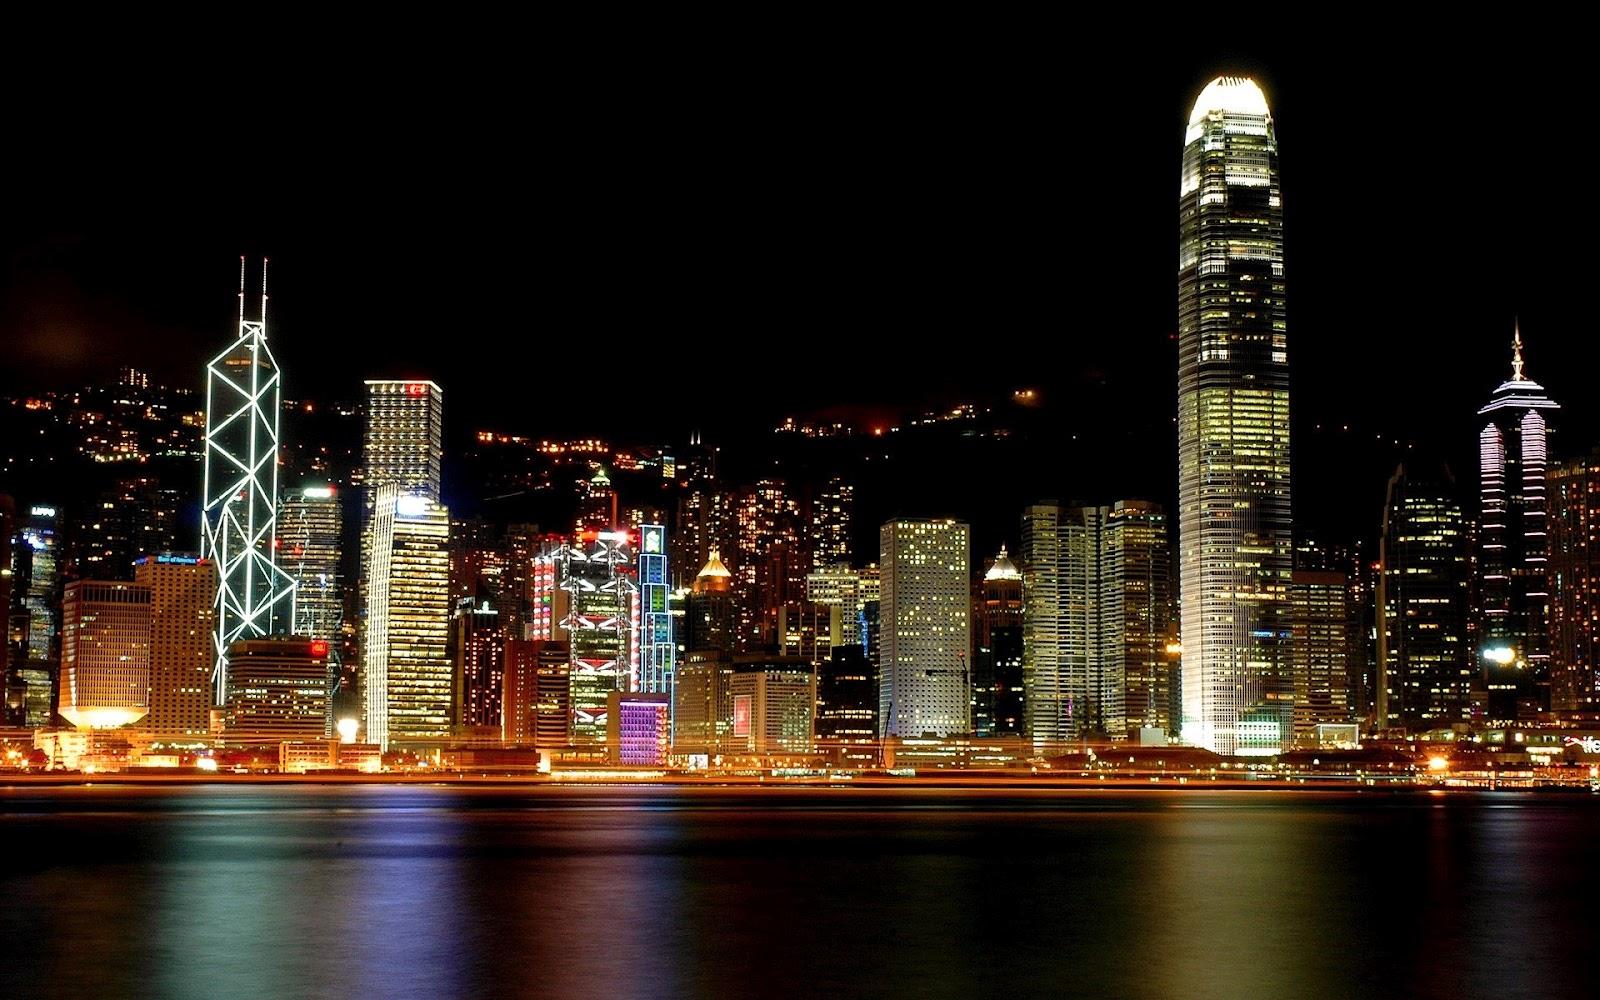 http://3.bp.blogspot.com/-9sFnN8CuGHc/UFhUzCt5QxI/AAAAAAAAAQM/Q-amIgUq_u0/s1600/Hong-kong-night-wallpaper_1920x1200.jpg